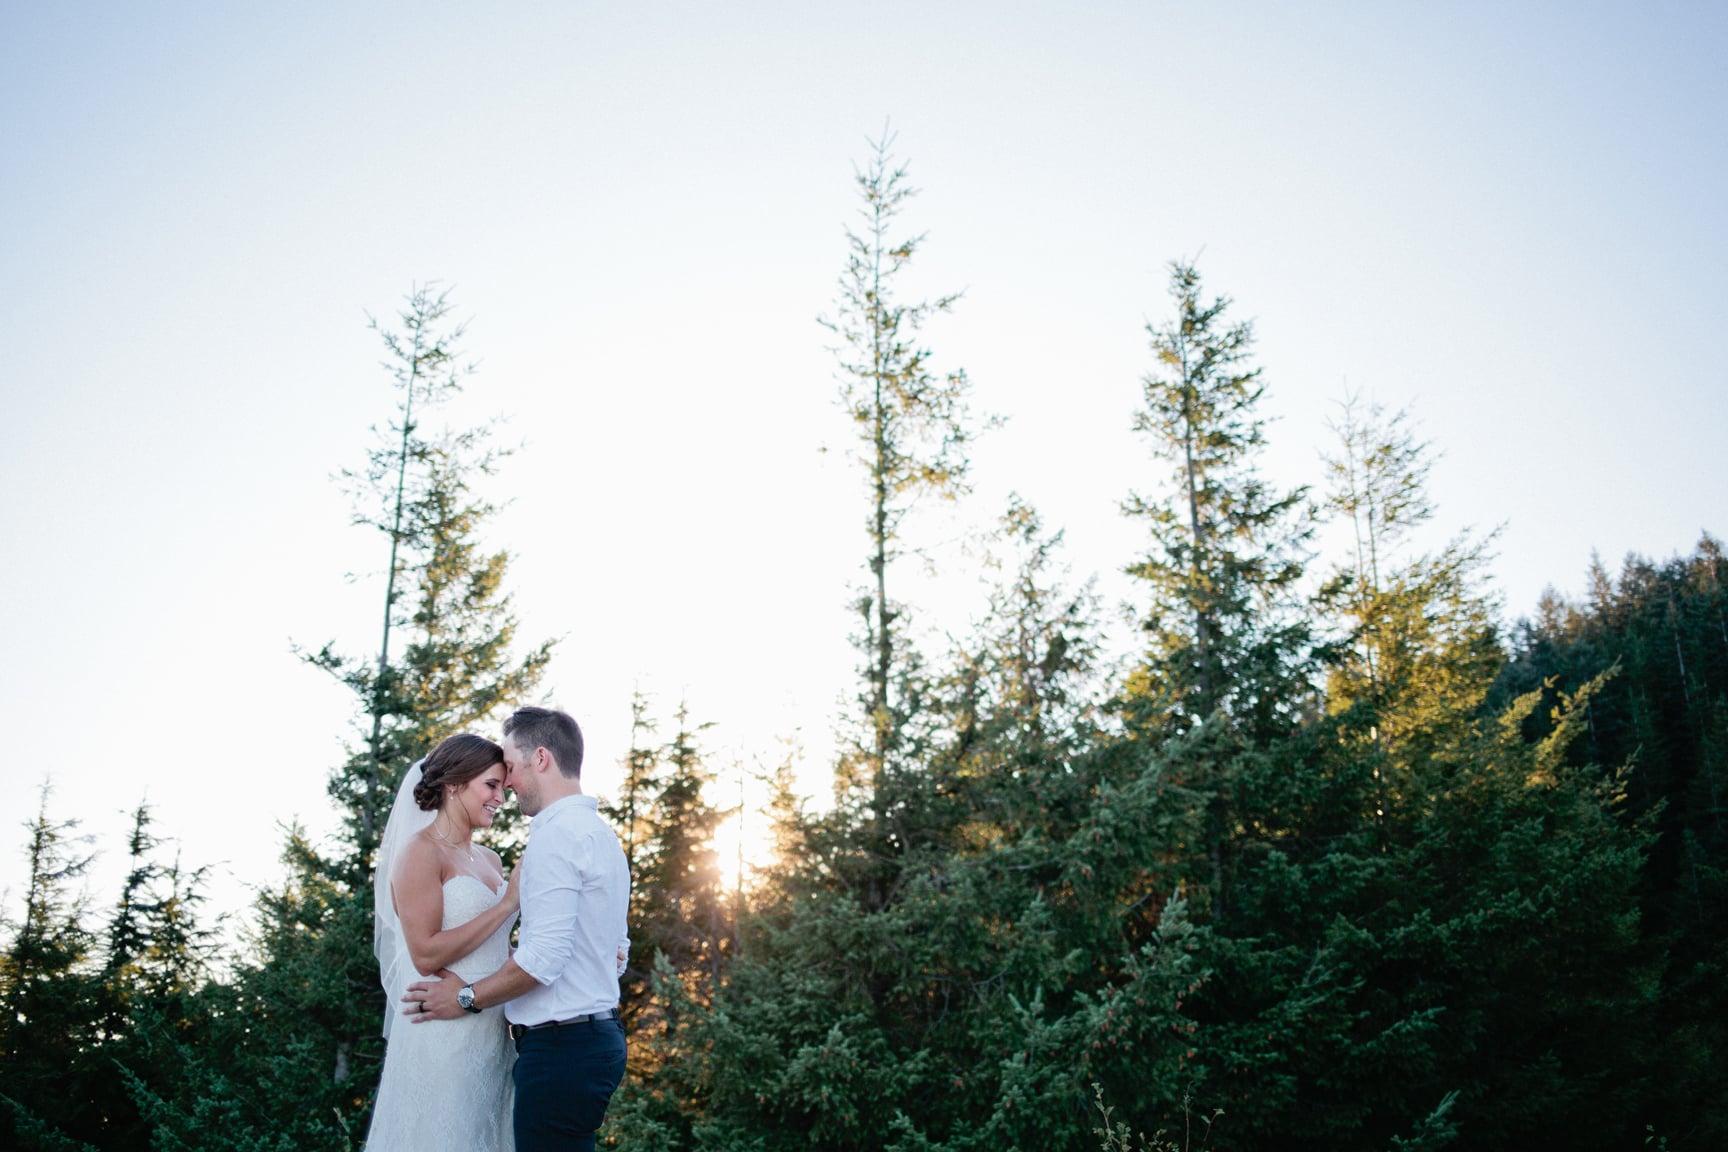 Rattlesnake Lake & Rattlesnake Ledge Wedding Photography by Alexandra Knight Photography